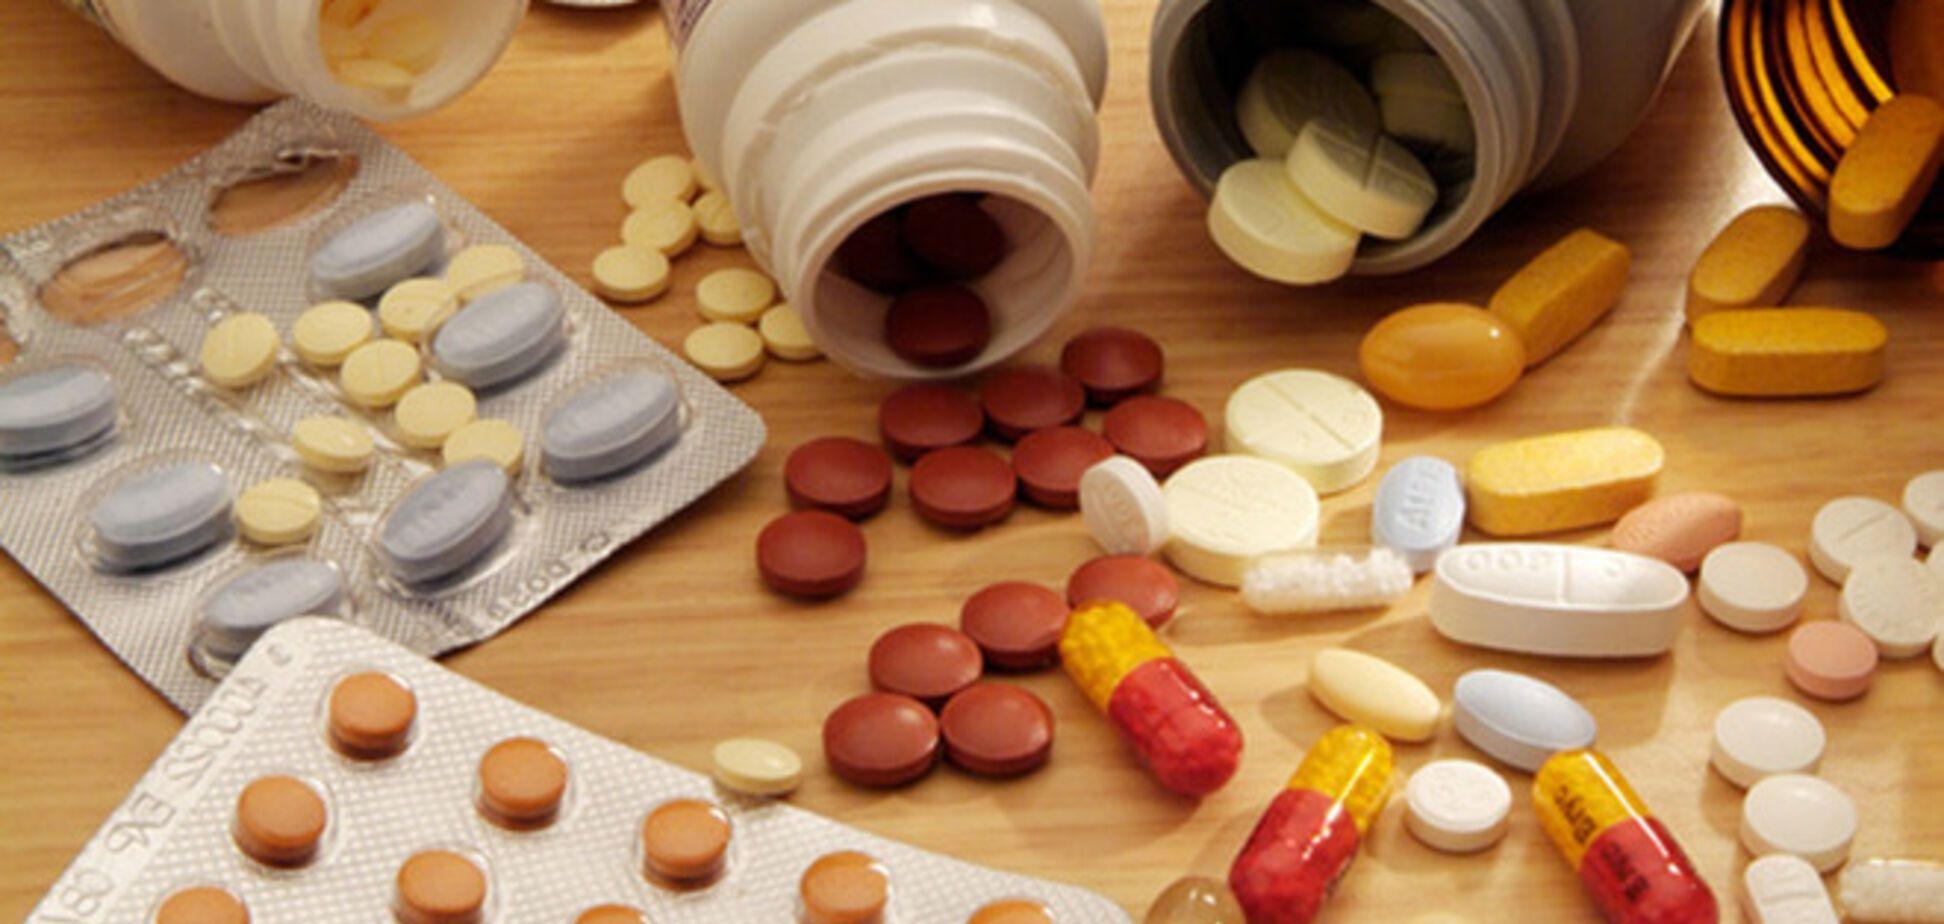 На Харьковщине поймали преступников, которые подделывали лекарства для онкобольных